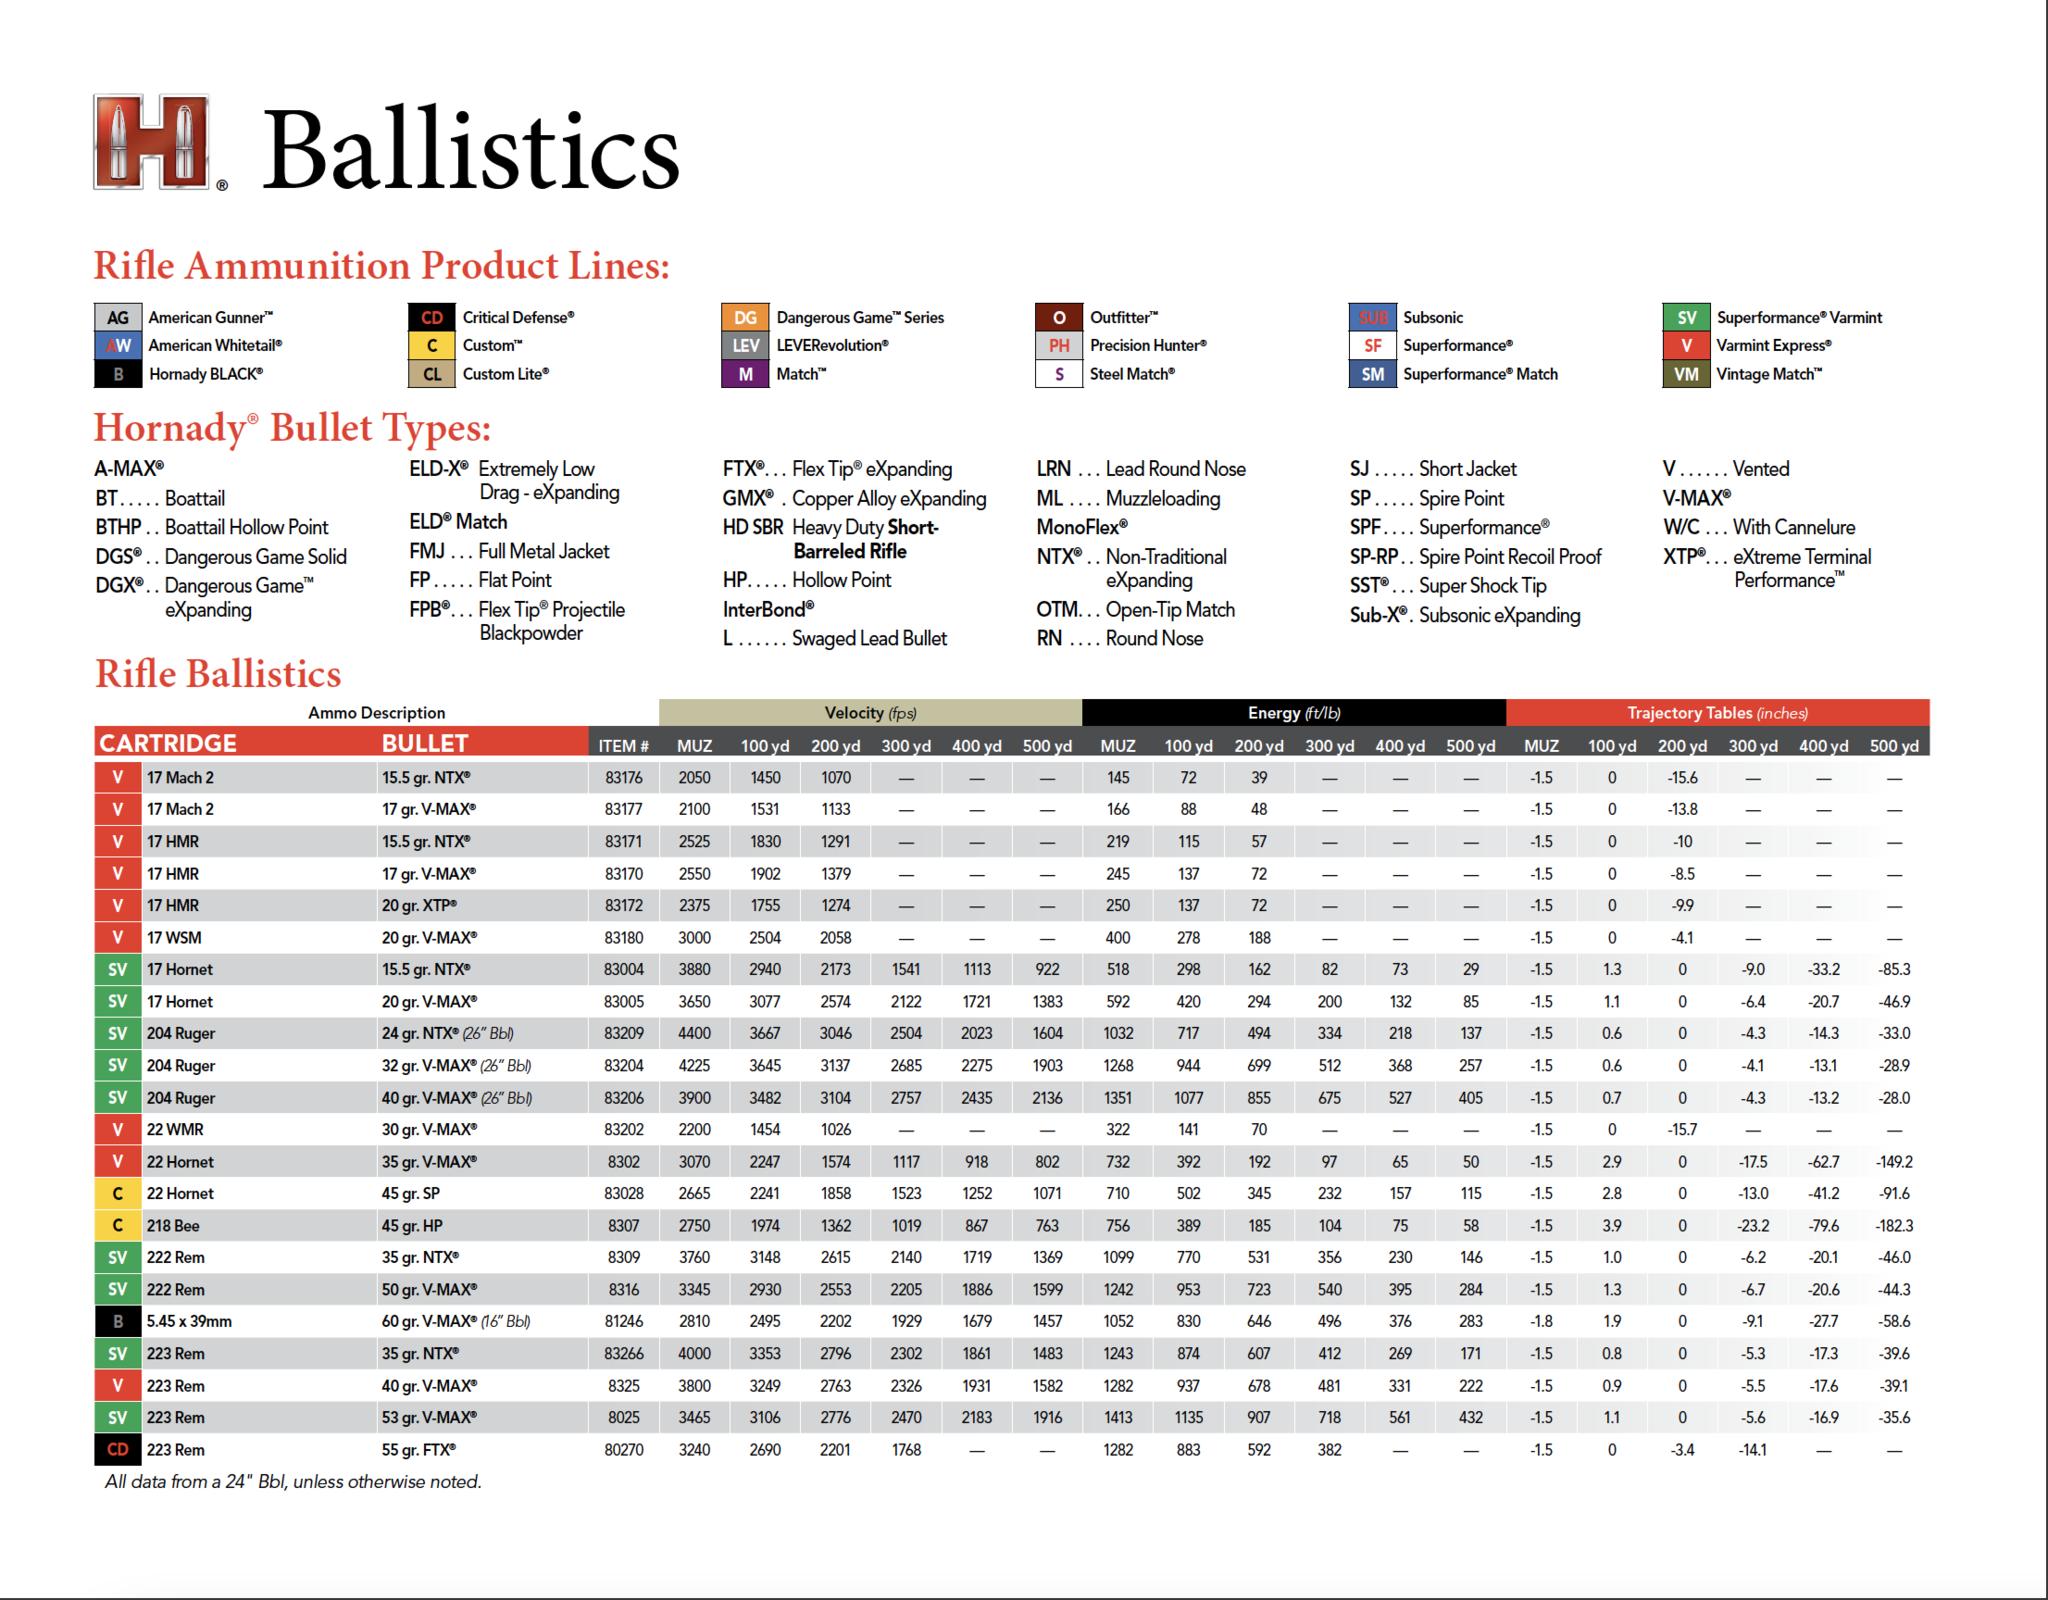 Standard Ballistics Chart